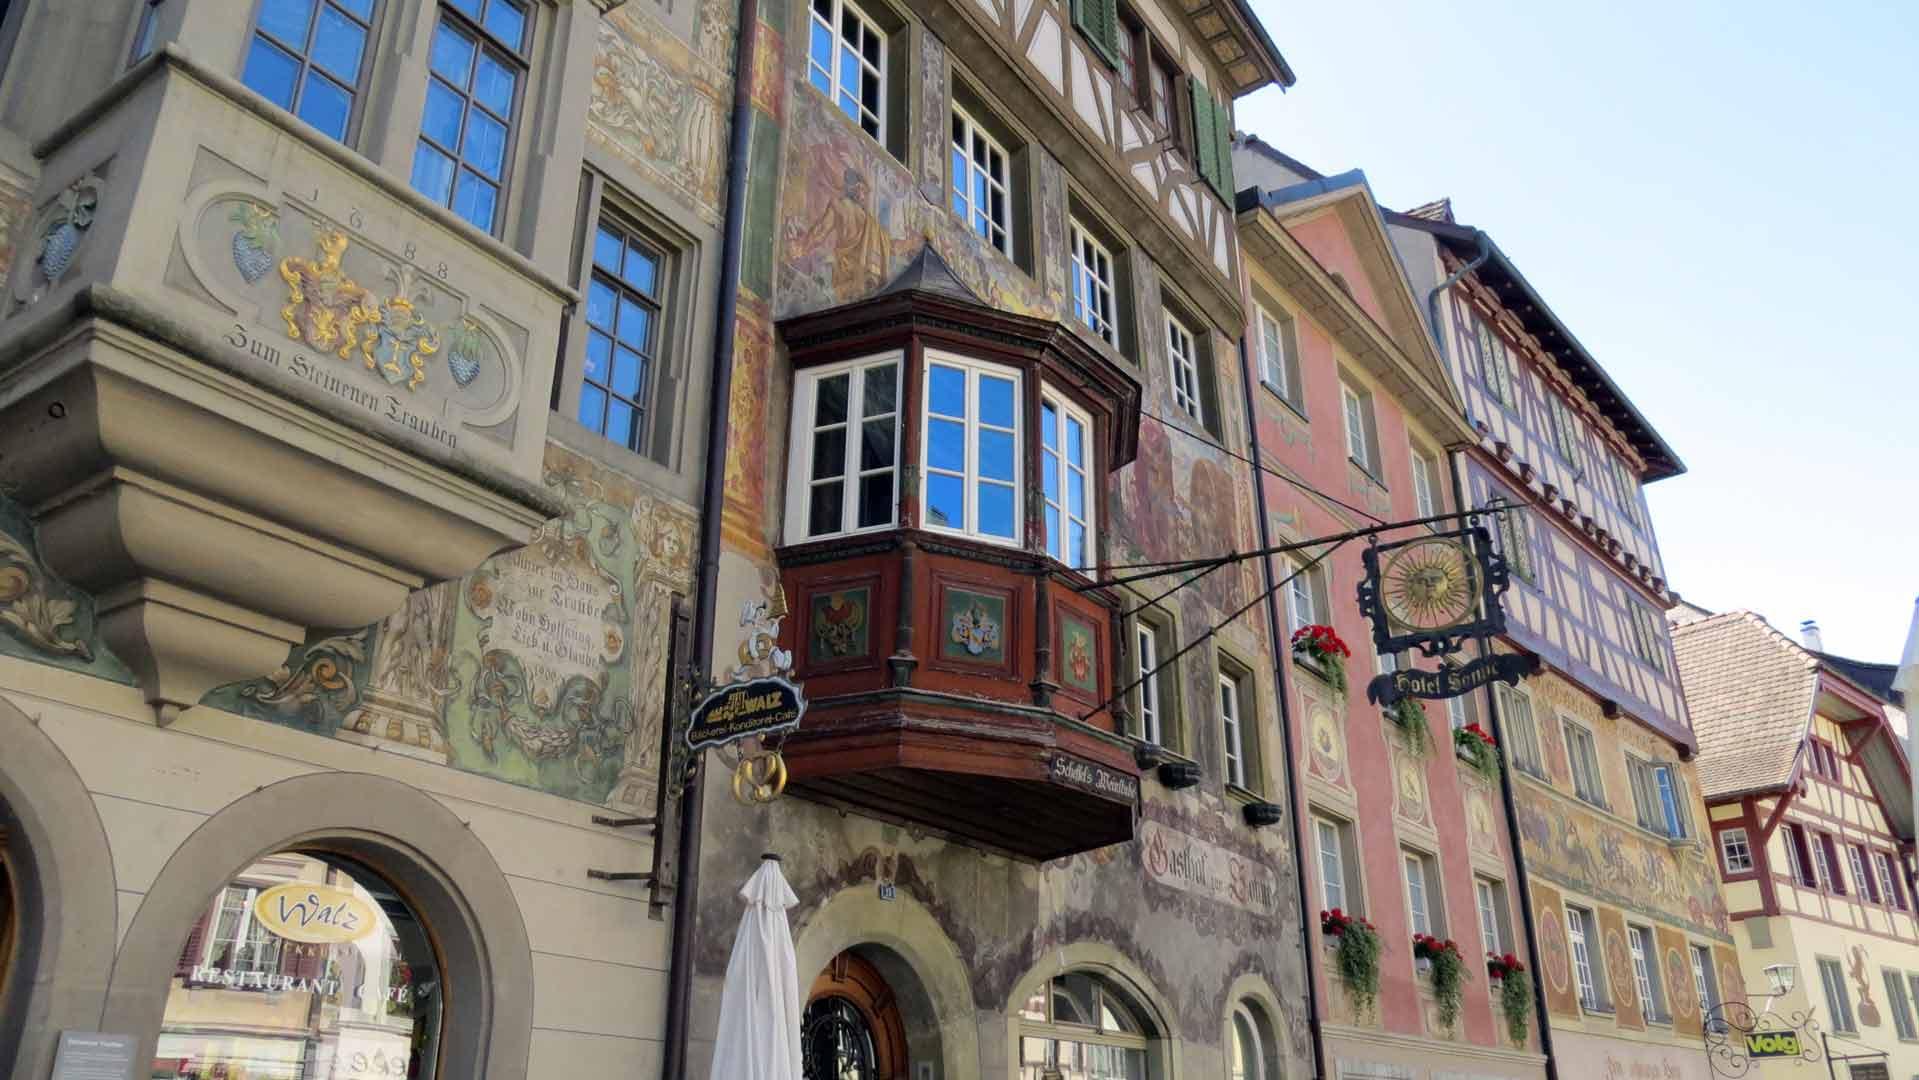 Veel panden in Stein am Rhein zijn versierd met prachtige fresco´s.